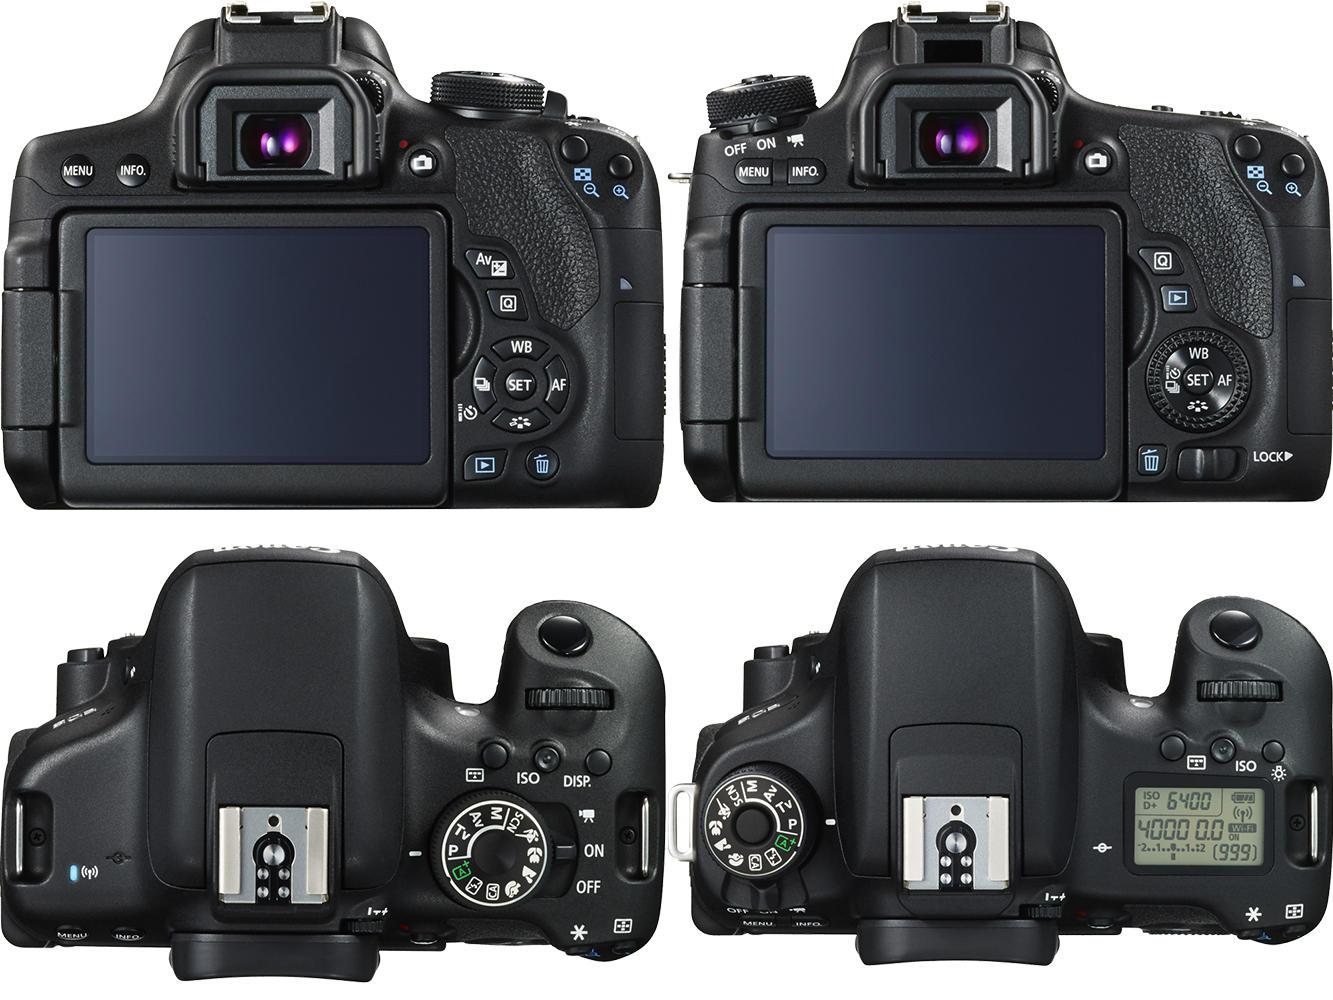 Perbedaan Canon 750D dan 760D jelas terlihat di bagian belakang dan bagian atas kamera.